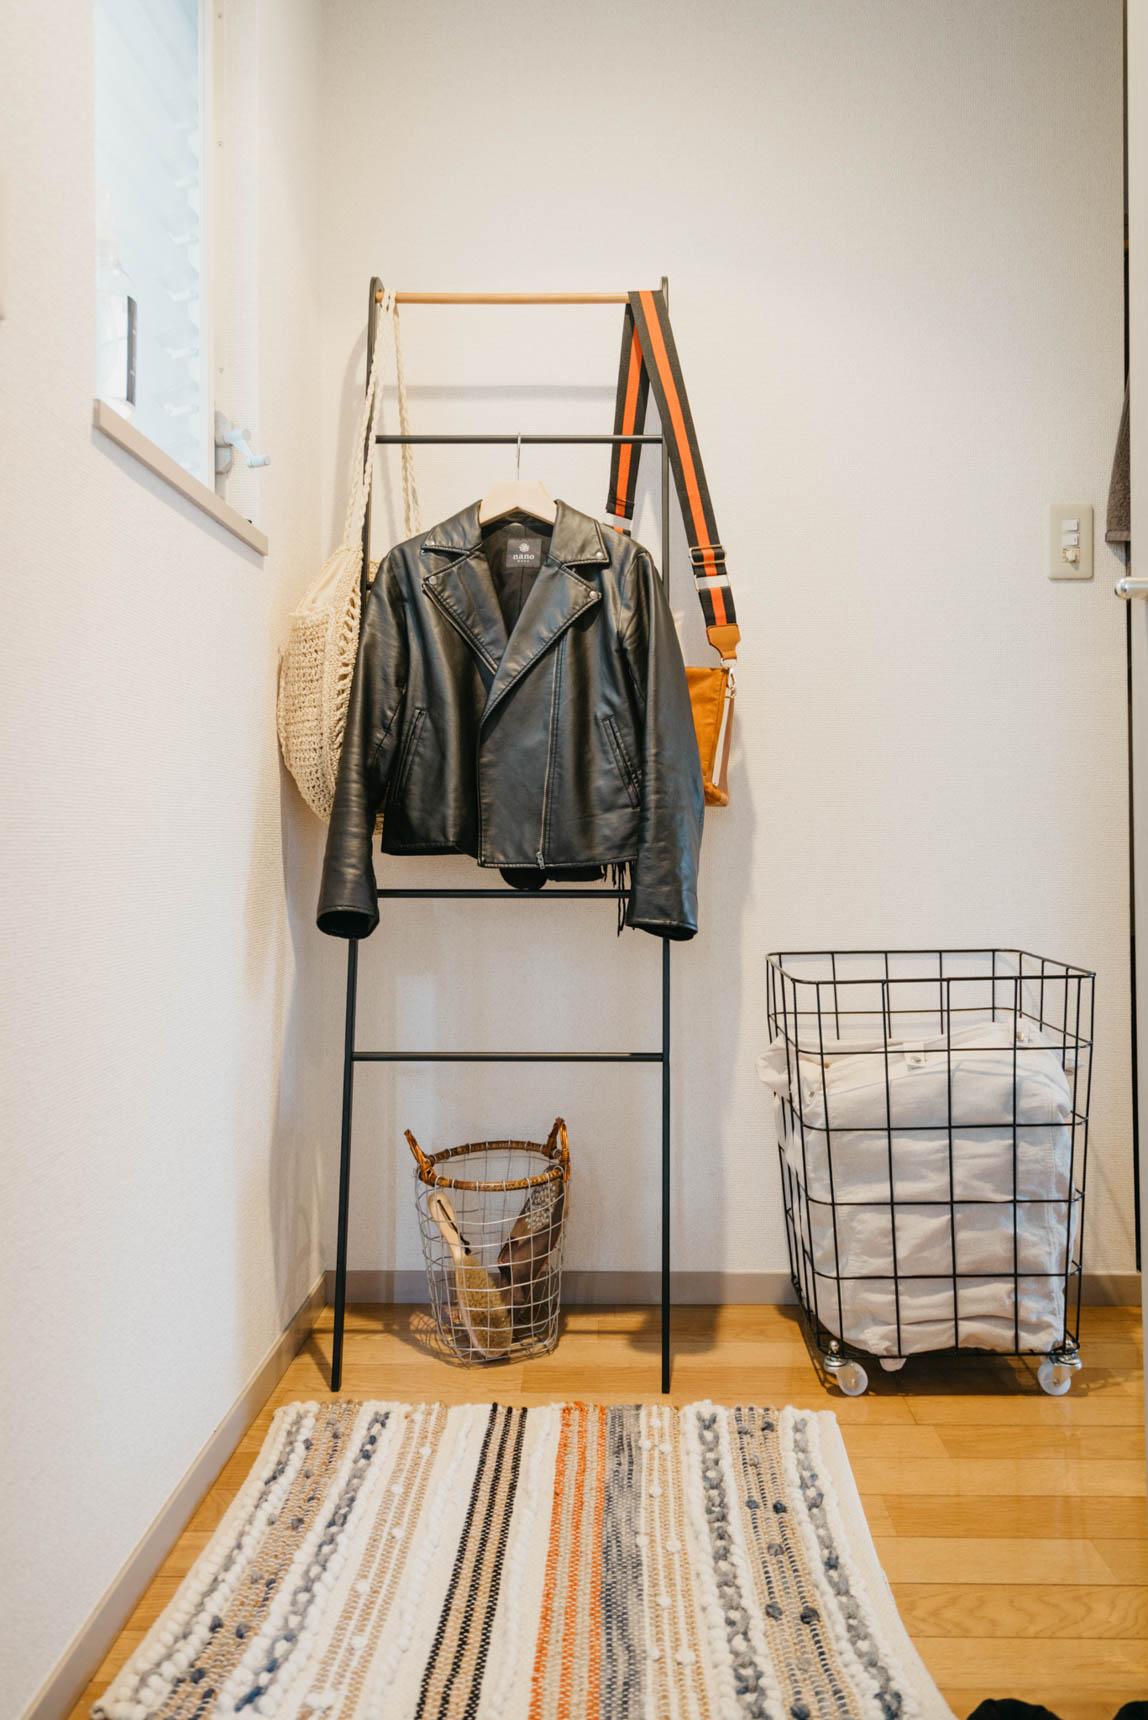 帰って来た時にすぐ上着やバッグが置けるように玄関前のスペースにはラダーラックも。生活動線がしっかり考えられた配置にされています。